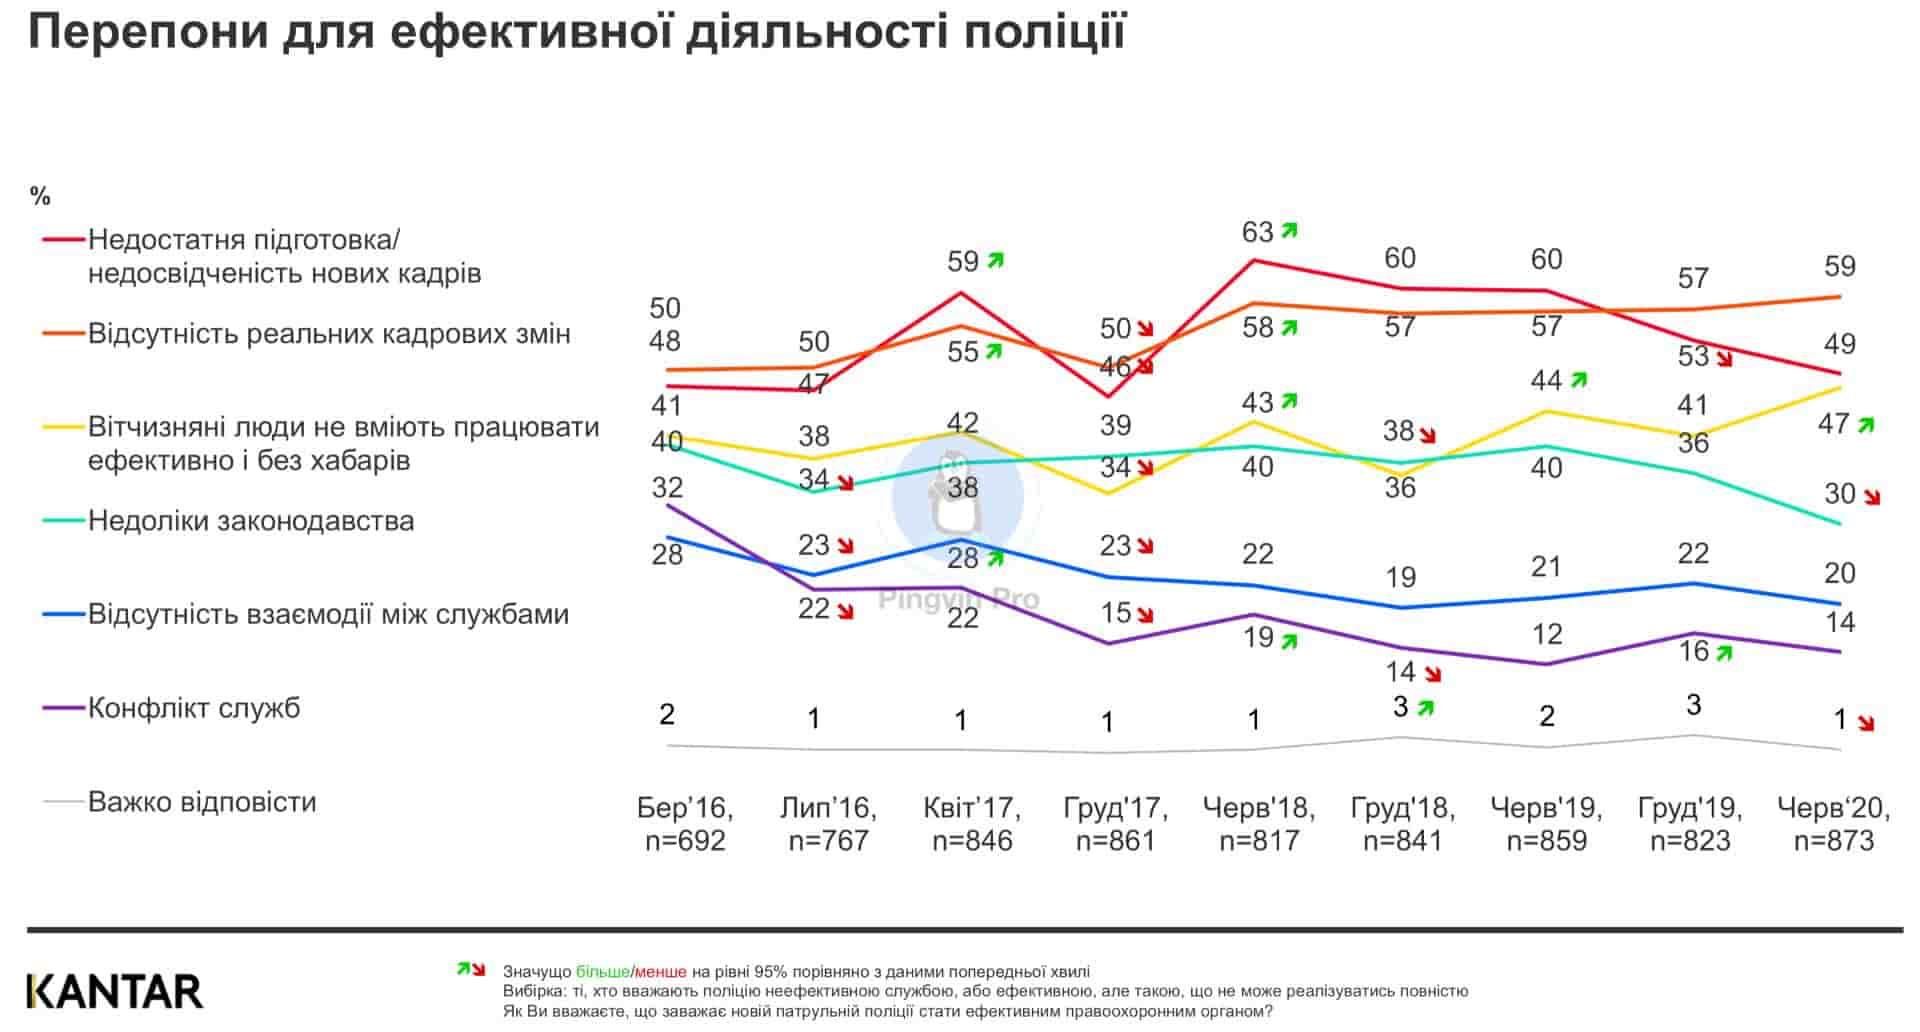 Сприйняття поліції українцями та оцінка її роботи – дослідження Kantar online TRACK